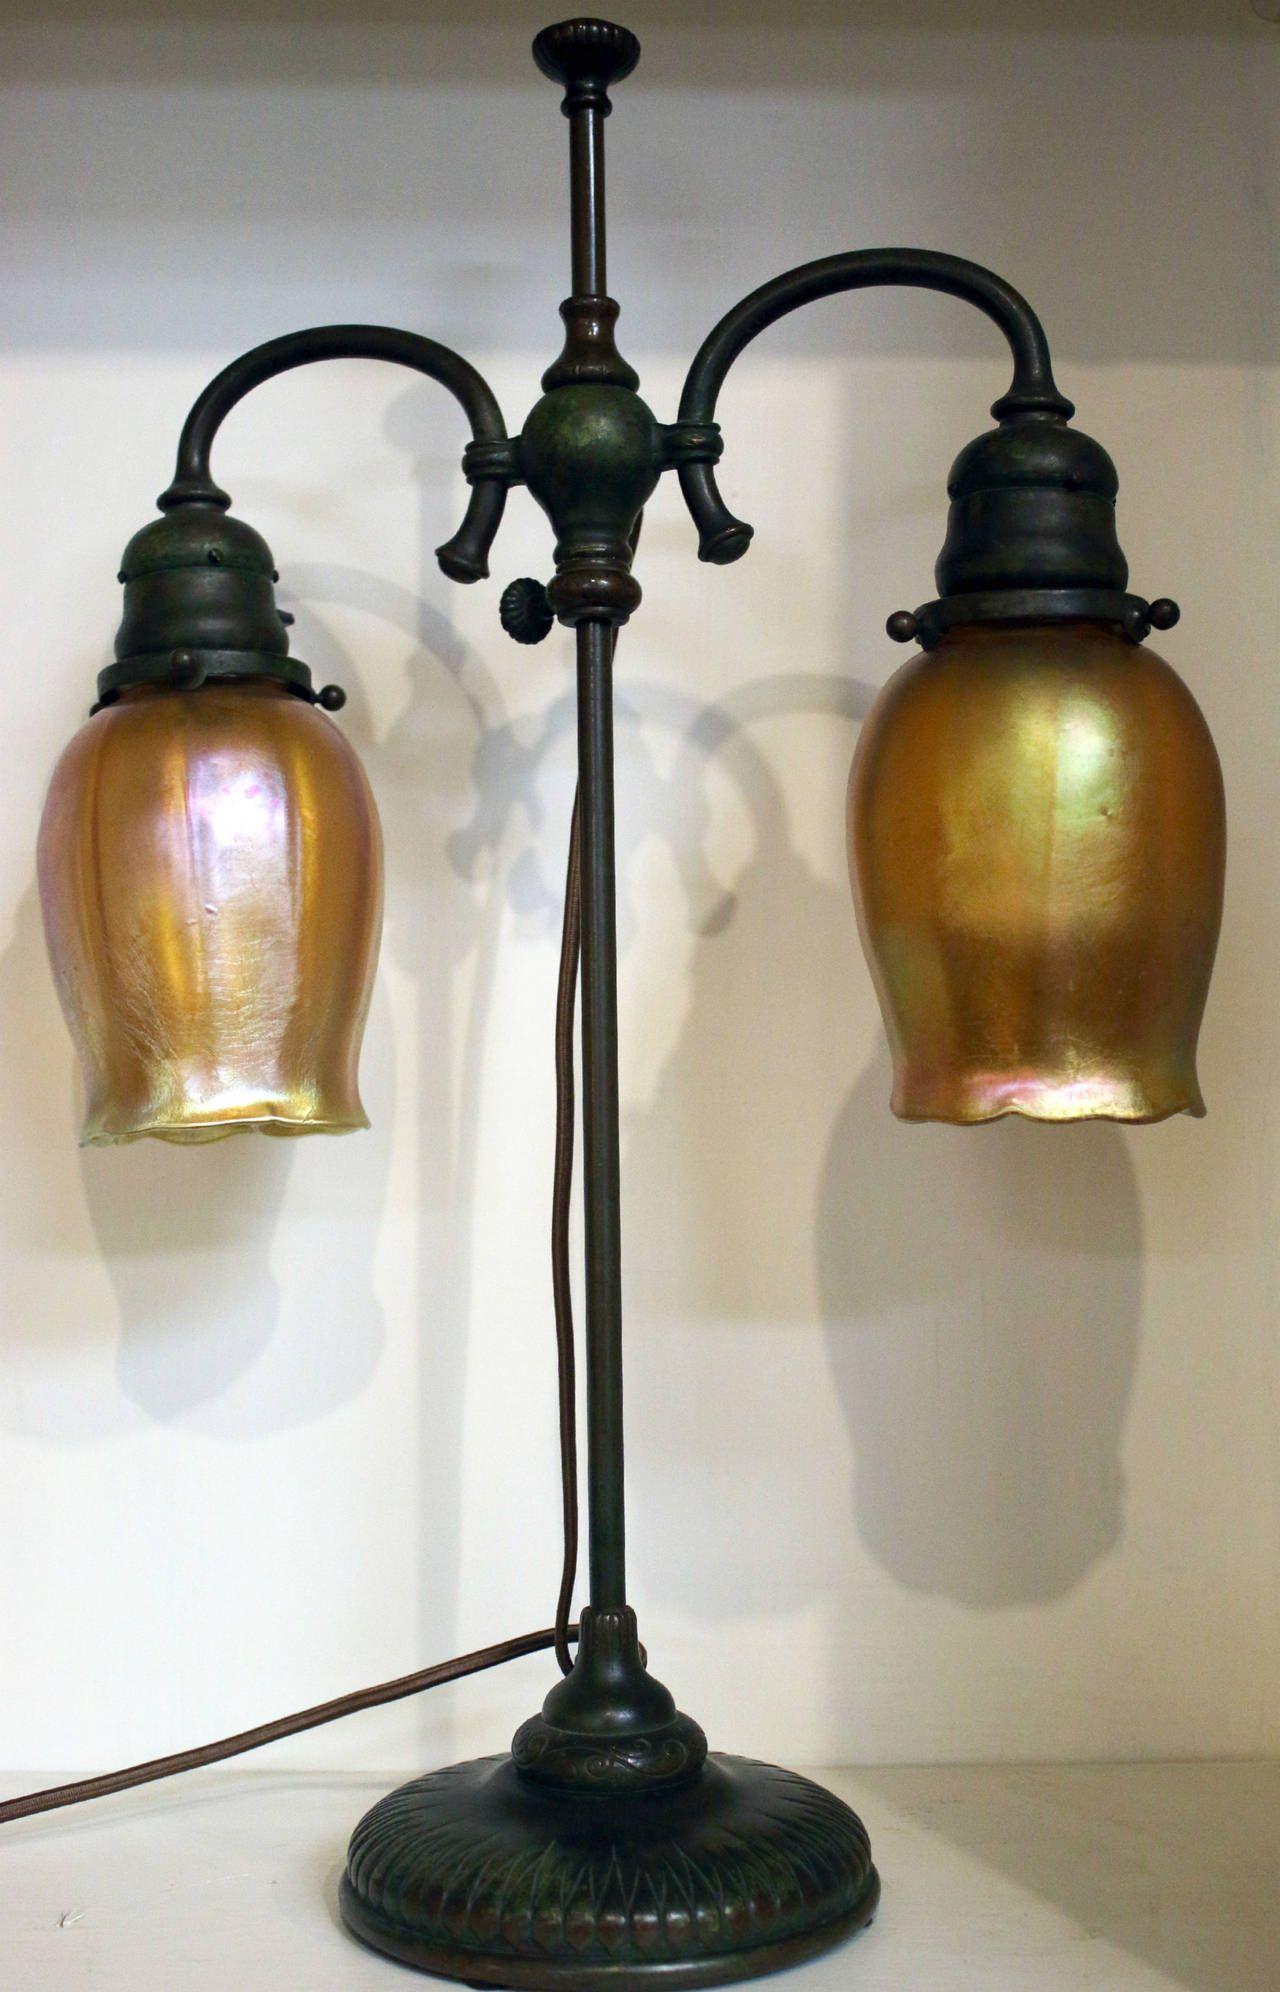 Tiffany studios new york bronze double student lamp